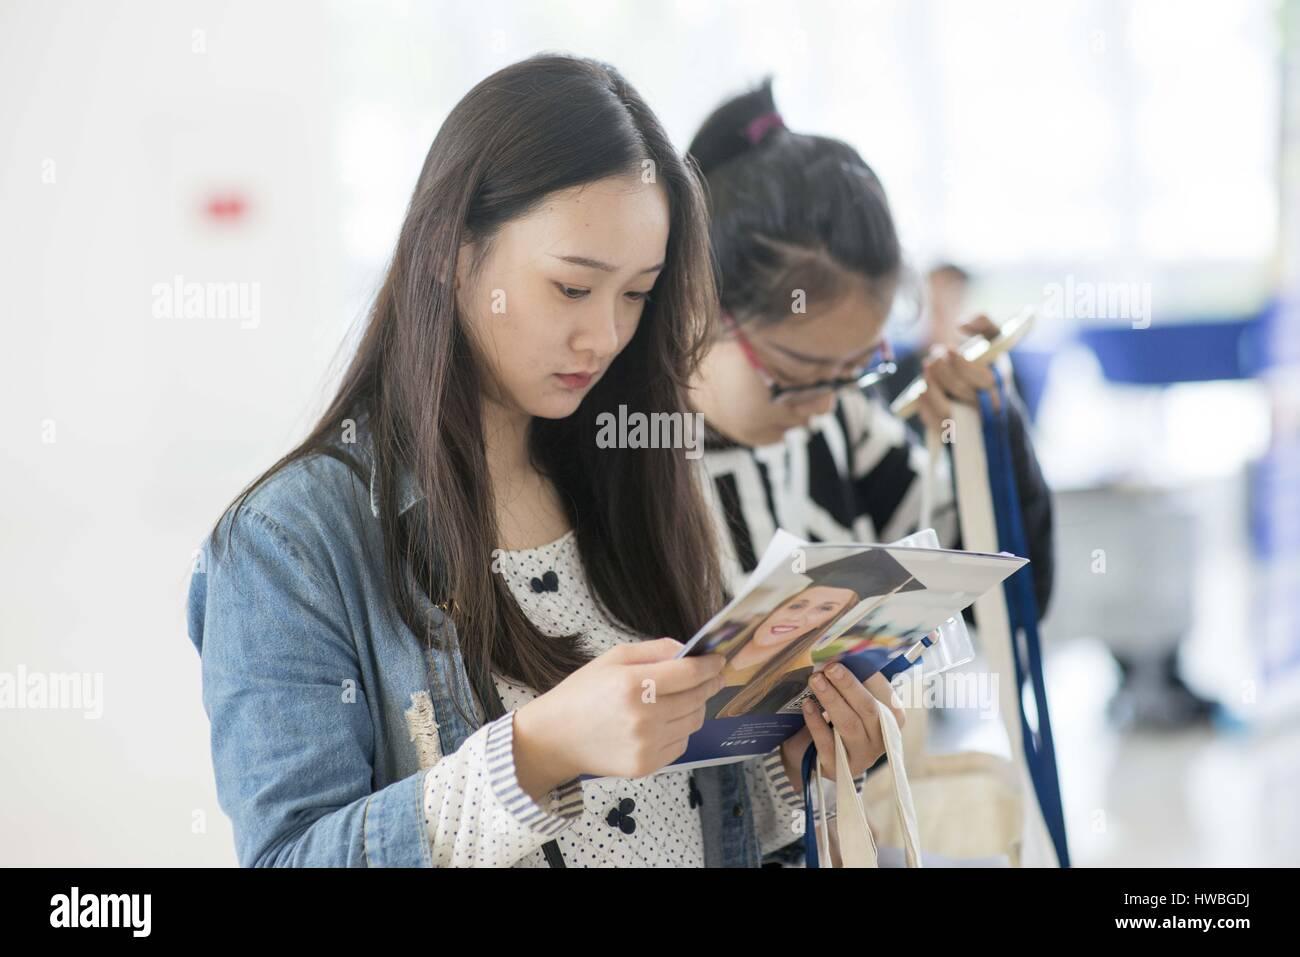 Kunshan, Jiangsu, China. 5th Nov, 2016. November 5, 2016, Kunshan, China - Propective Chinese students peruse marketing - Stock Image